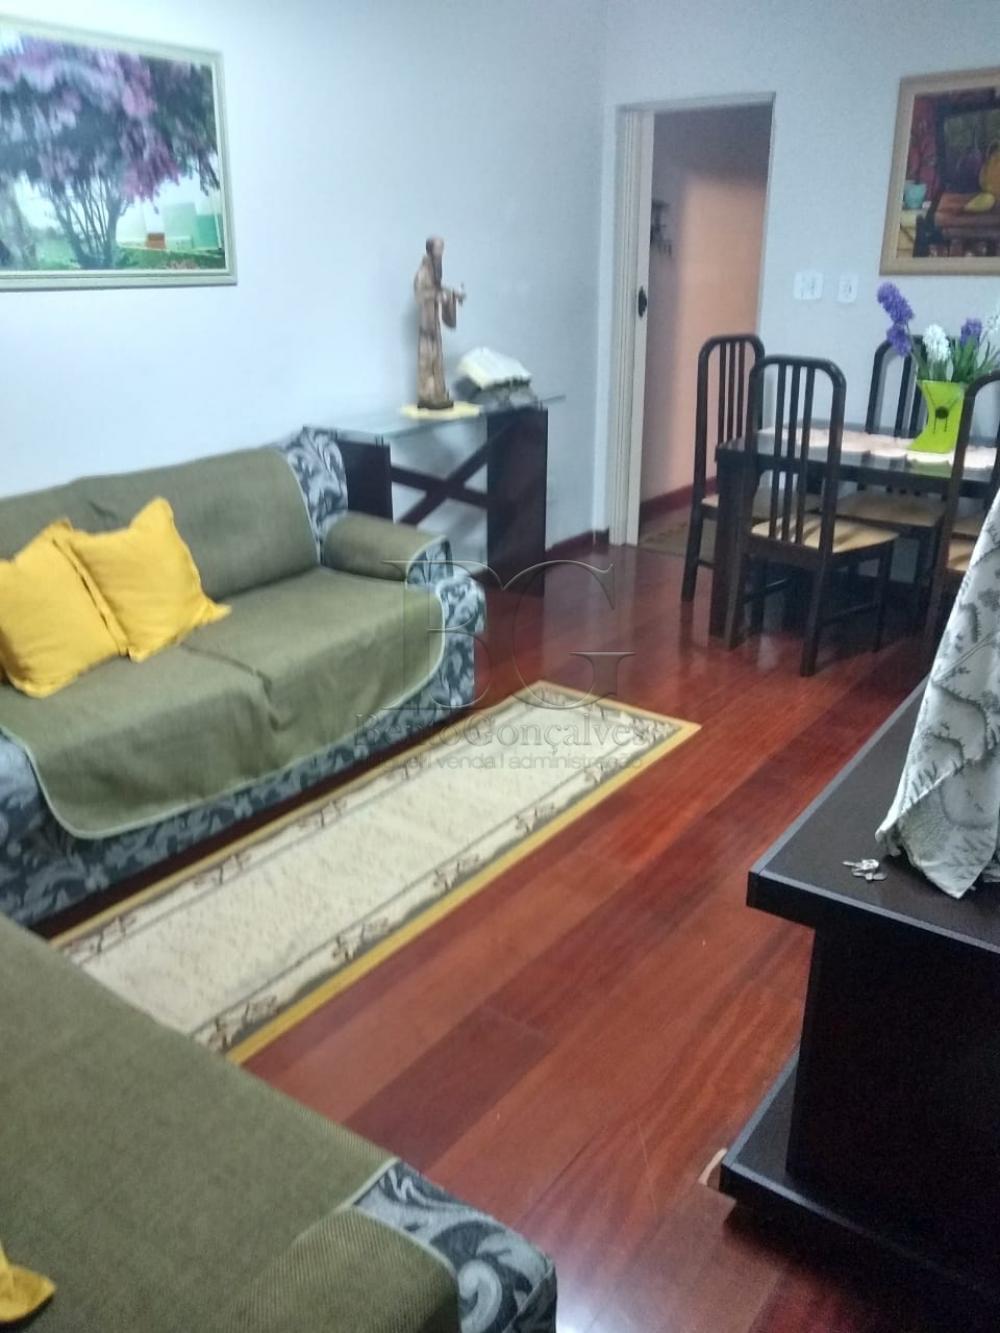 Comprar Apartamentos / Predio comercial e Residencial em Poços de Caldas apenas R$ 400.000,00 - Foto 2